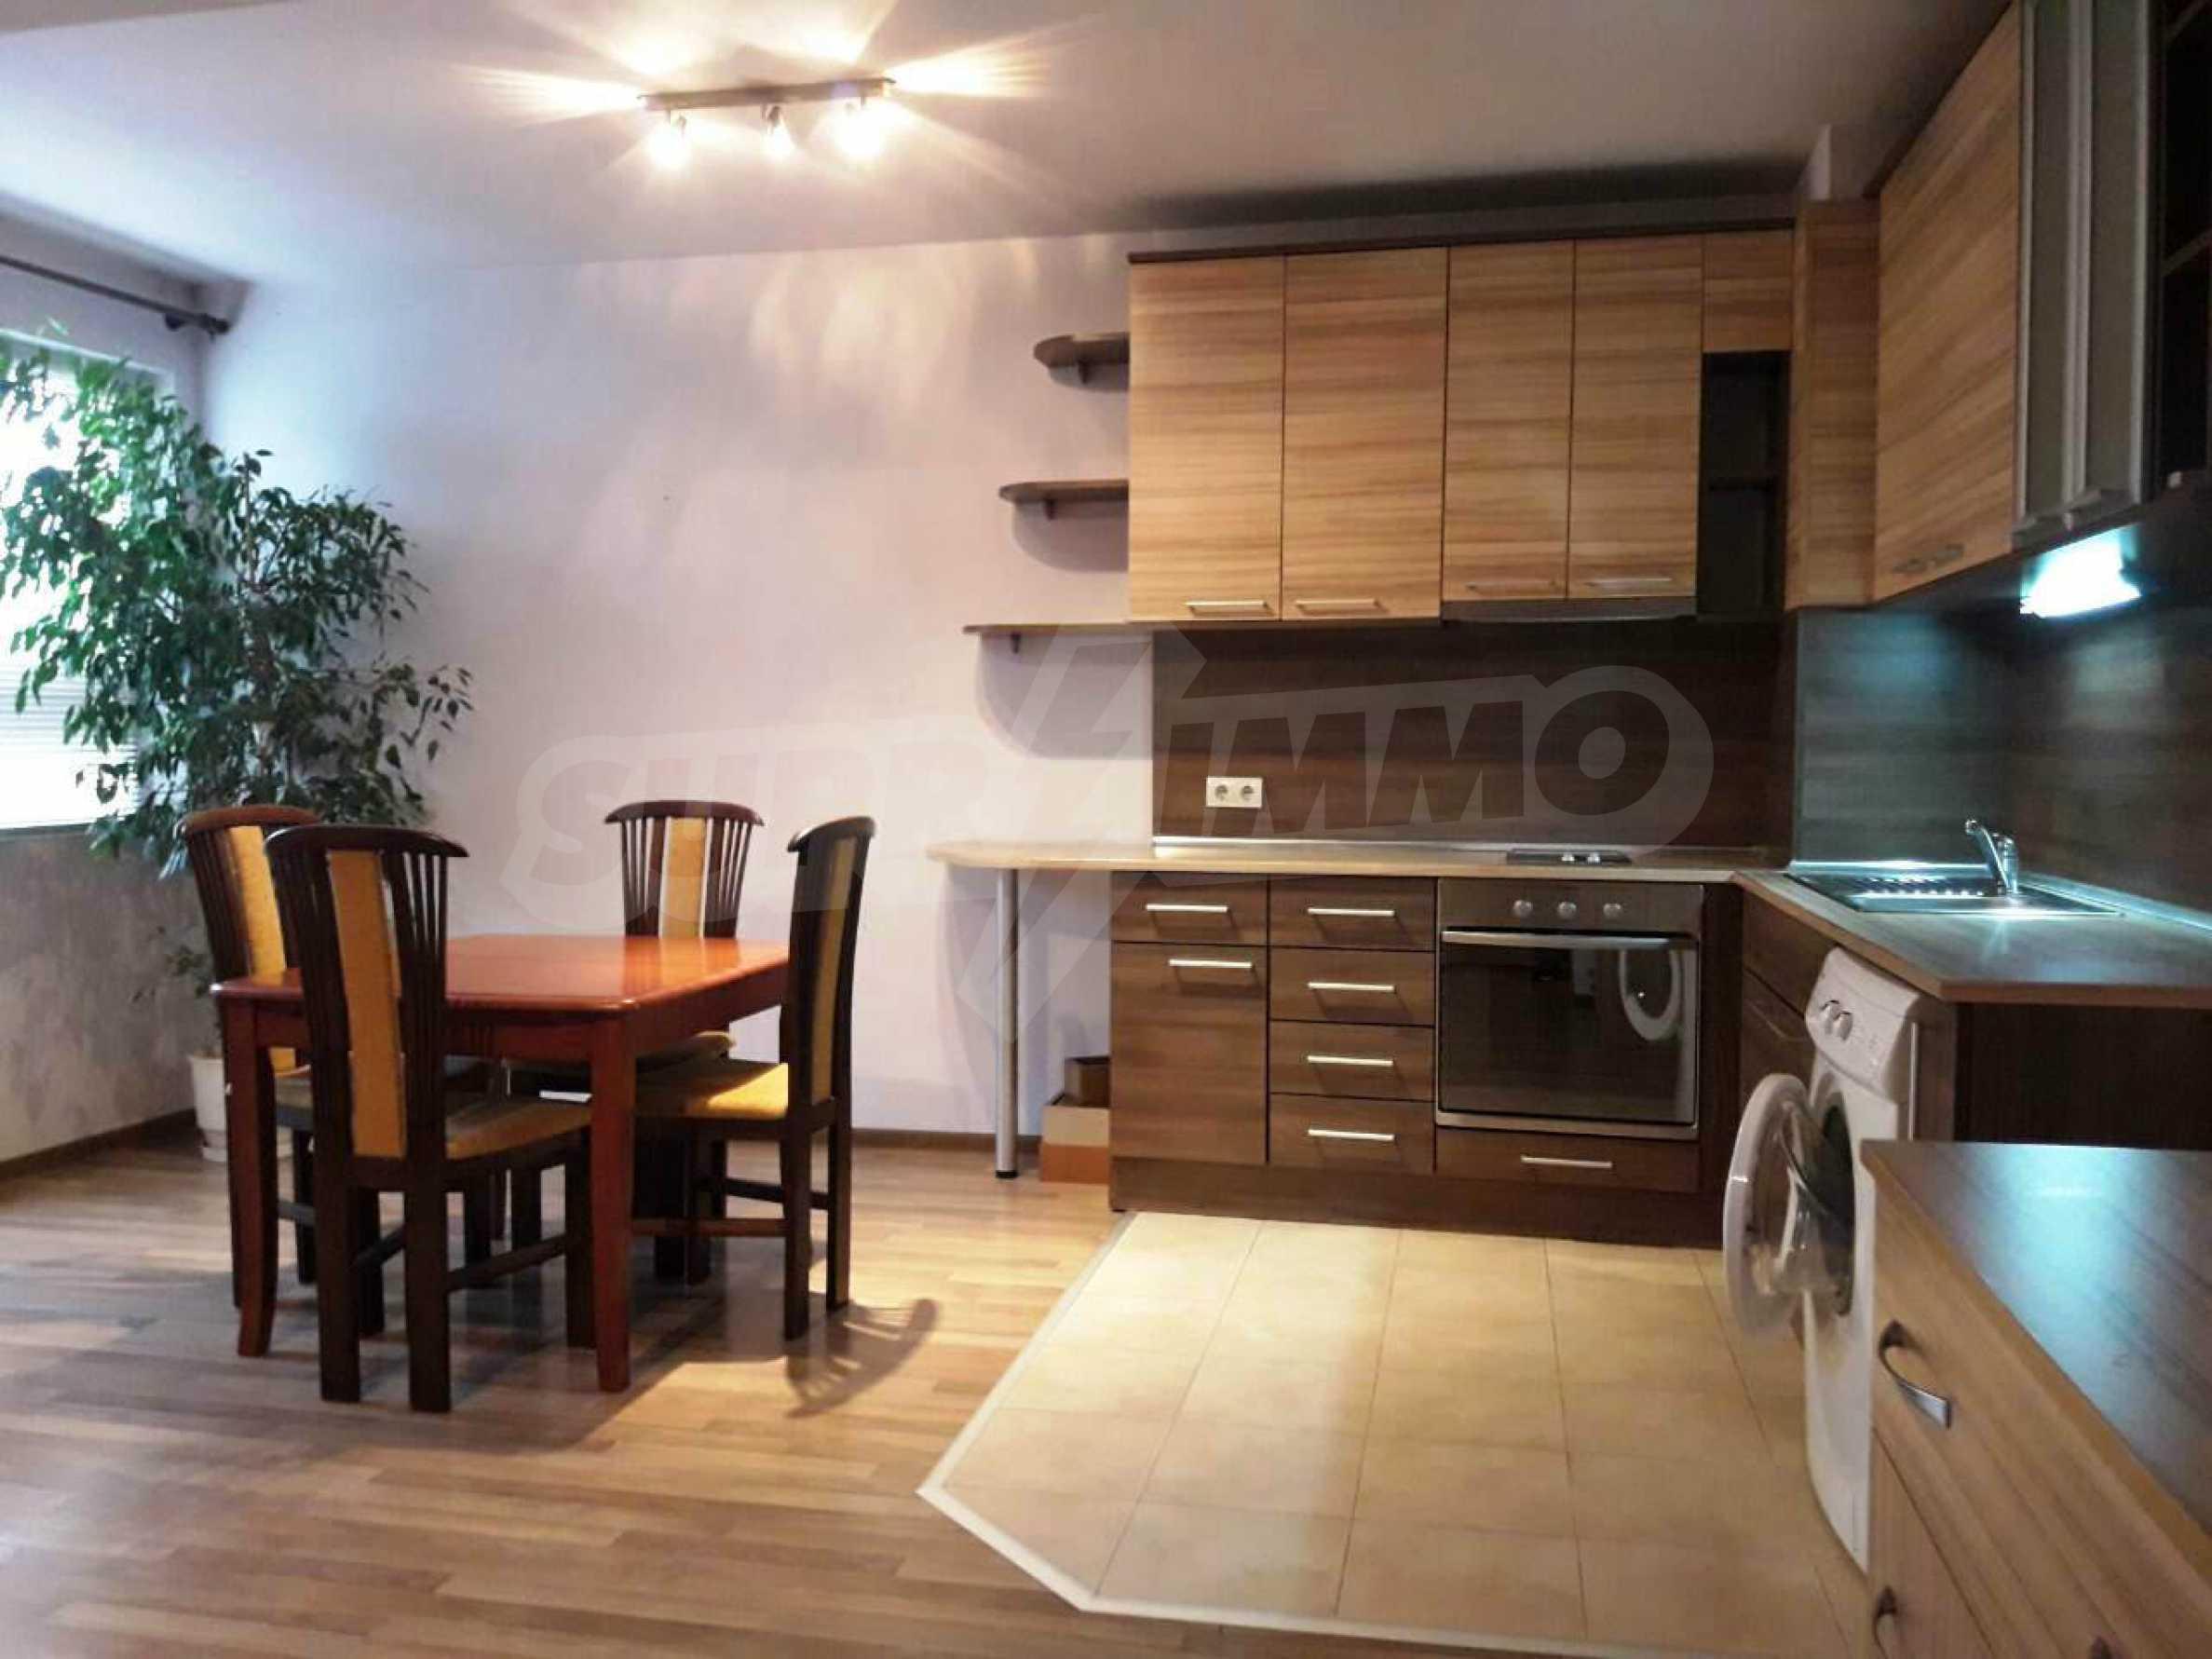 Апартамент Мери - тристаен имот в съвременна сграда на 5 мин. от Макдрайв 3